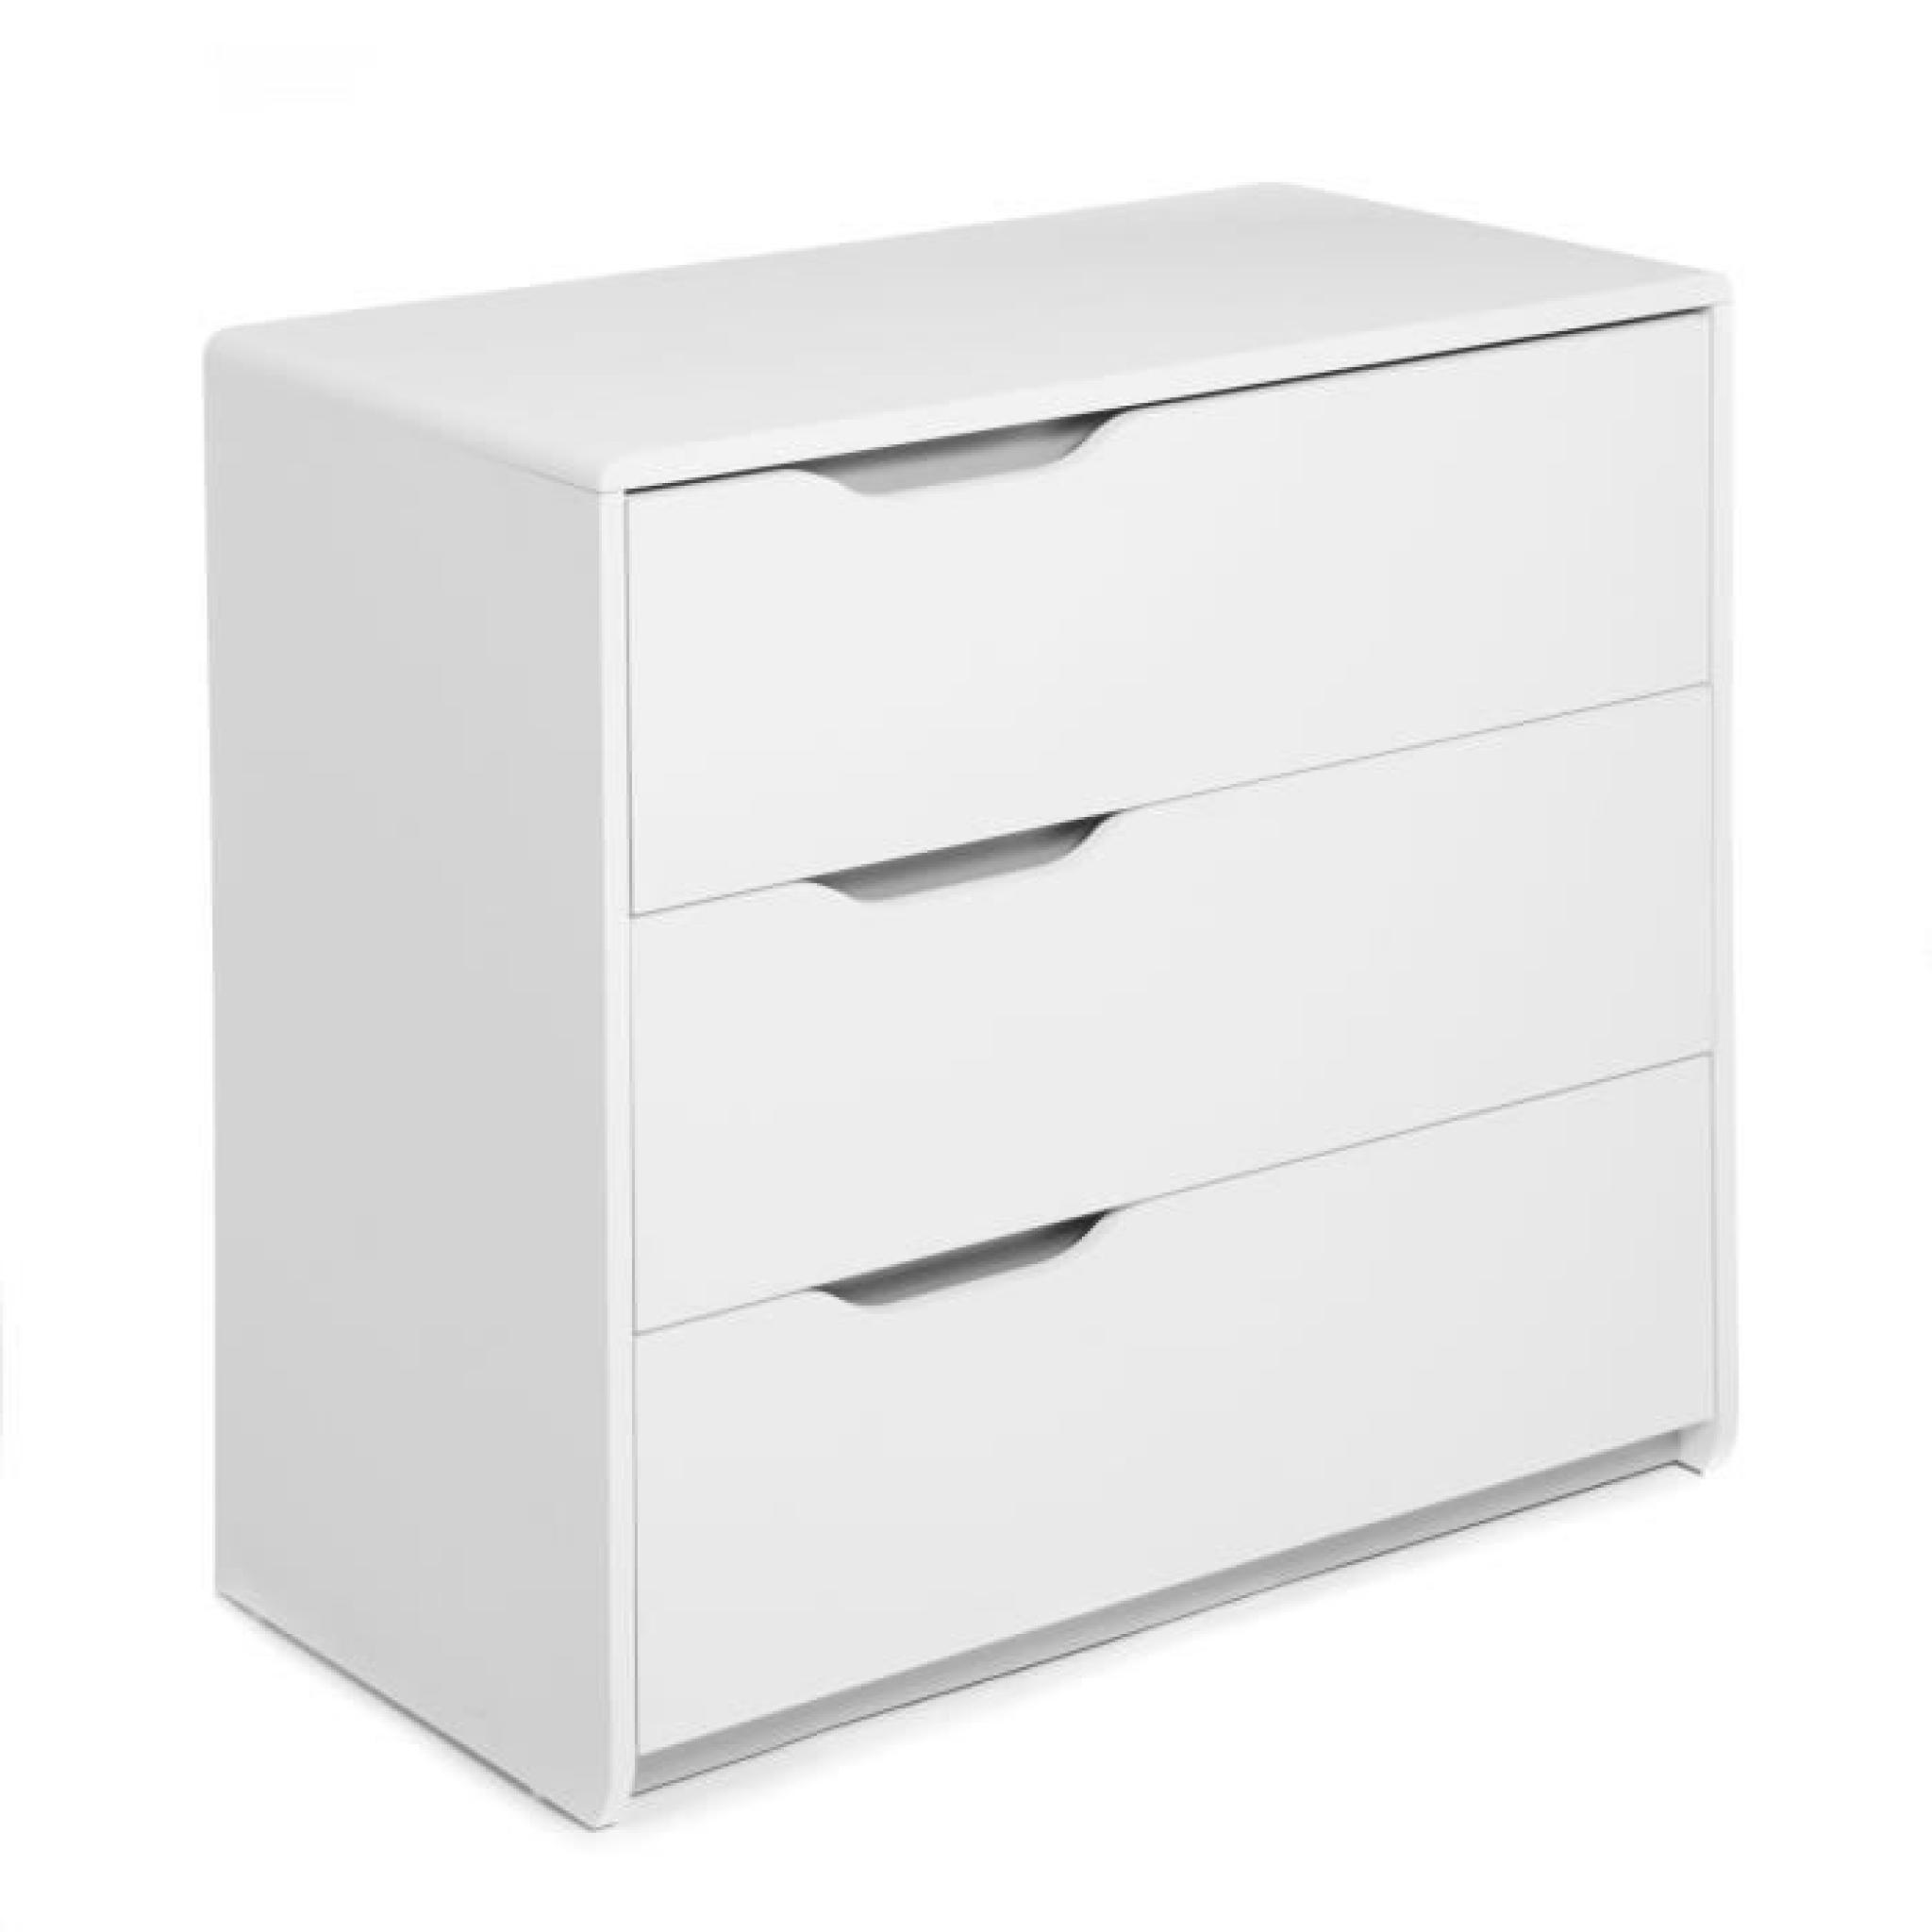 Commode Blanche Pas Cher : cool commode blanche 3 tiroirs achat vente commode pas cher couleur et ~ Teatrodelosmanantiales.com Idées de Décoration